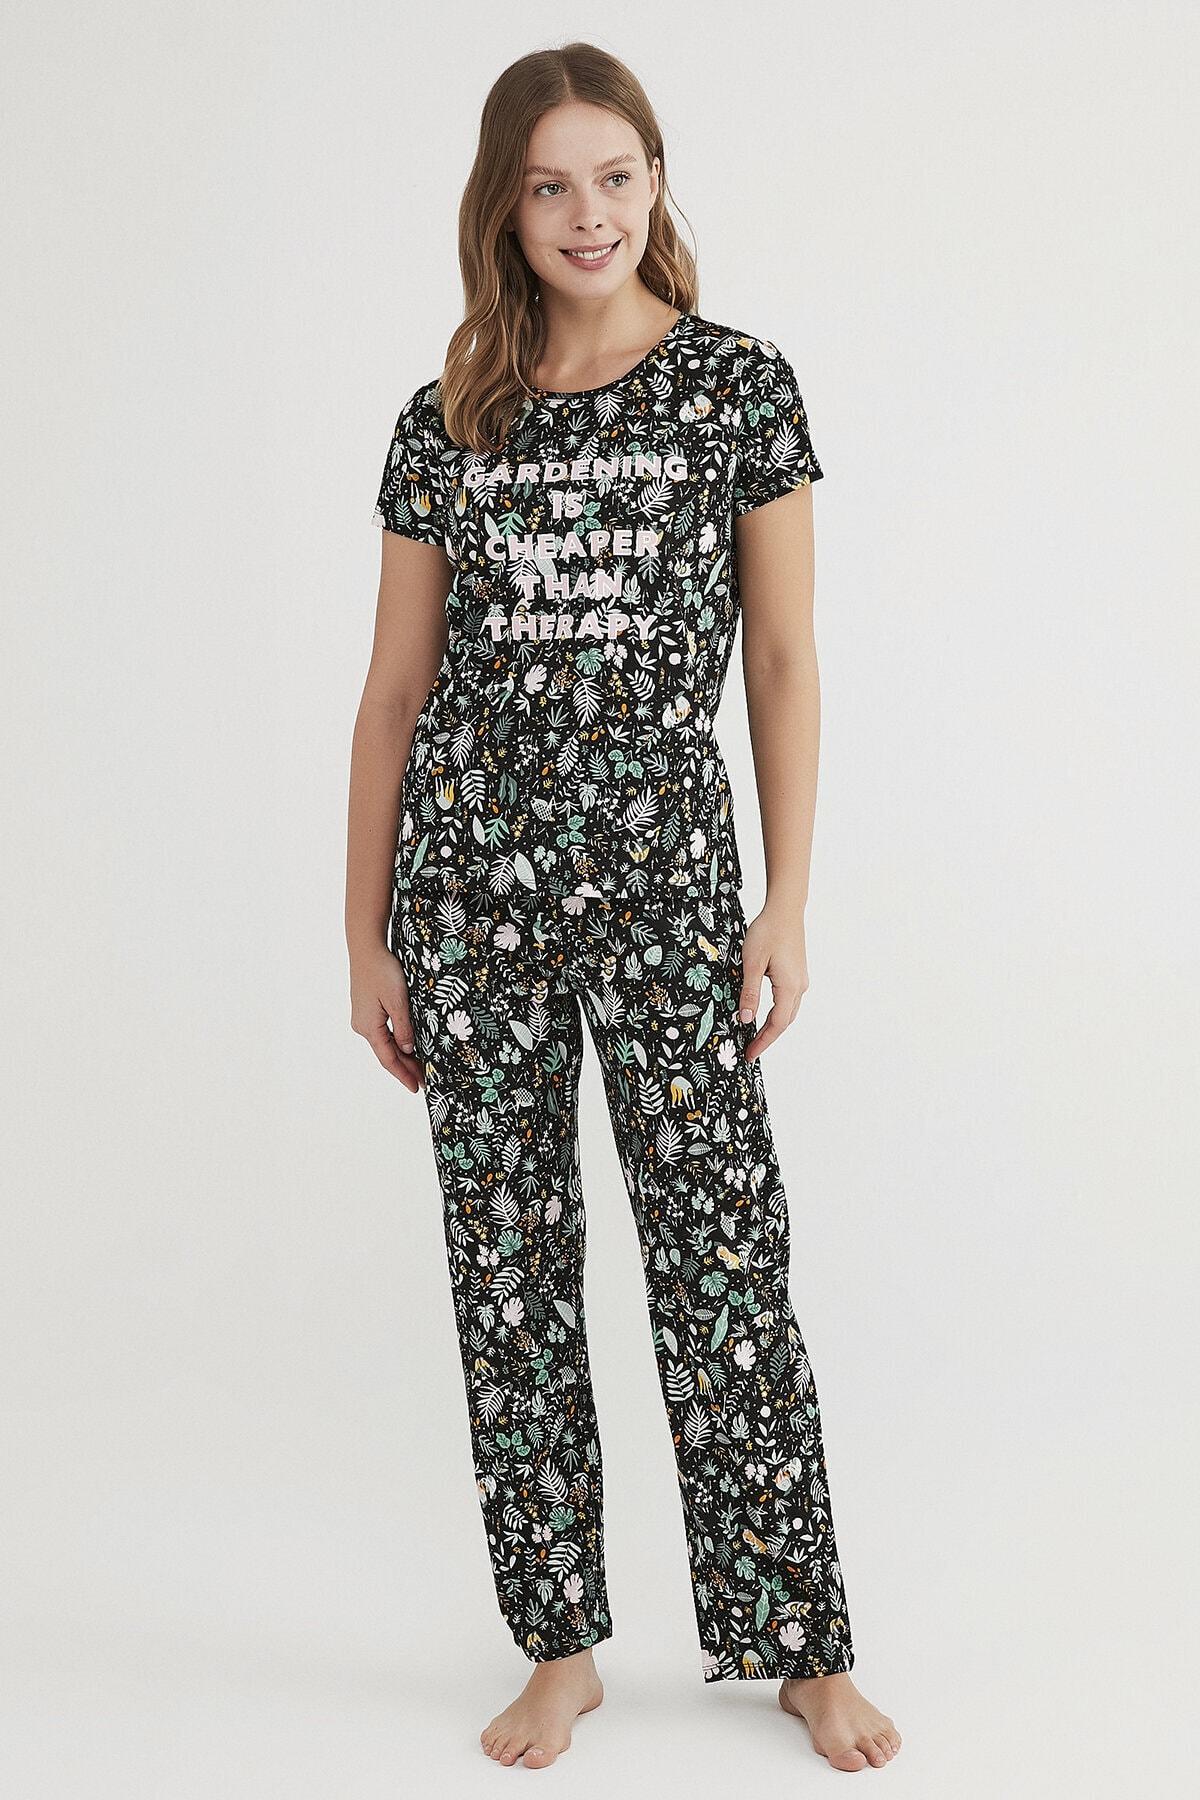 Penti Kadın Çok Renkli Gardening Pijama Takımı 0